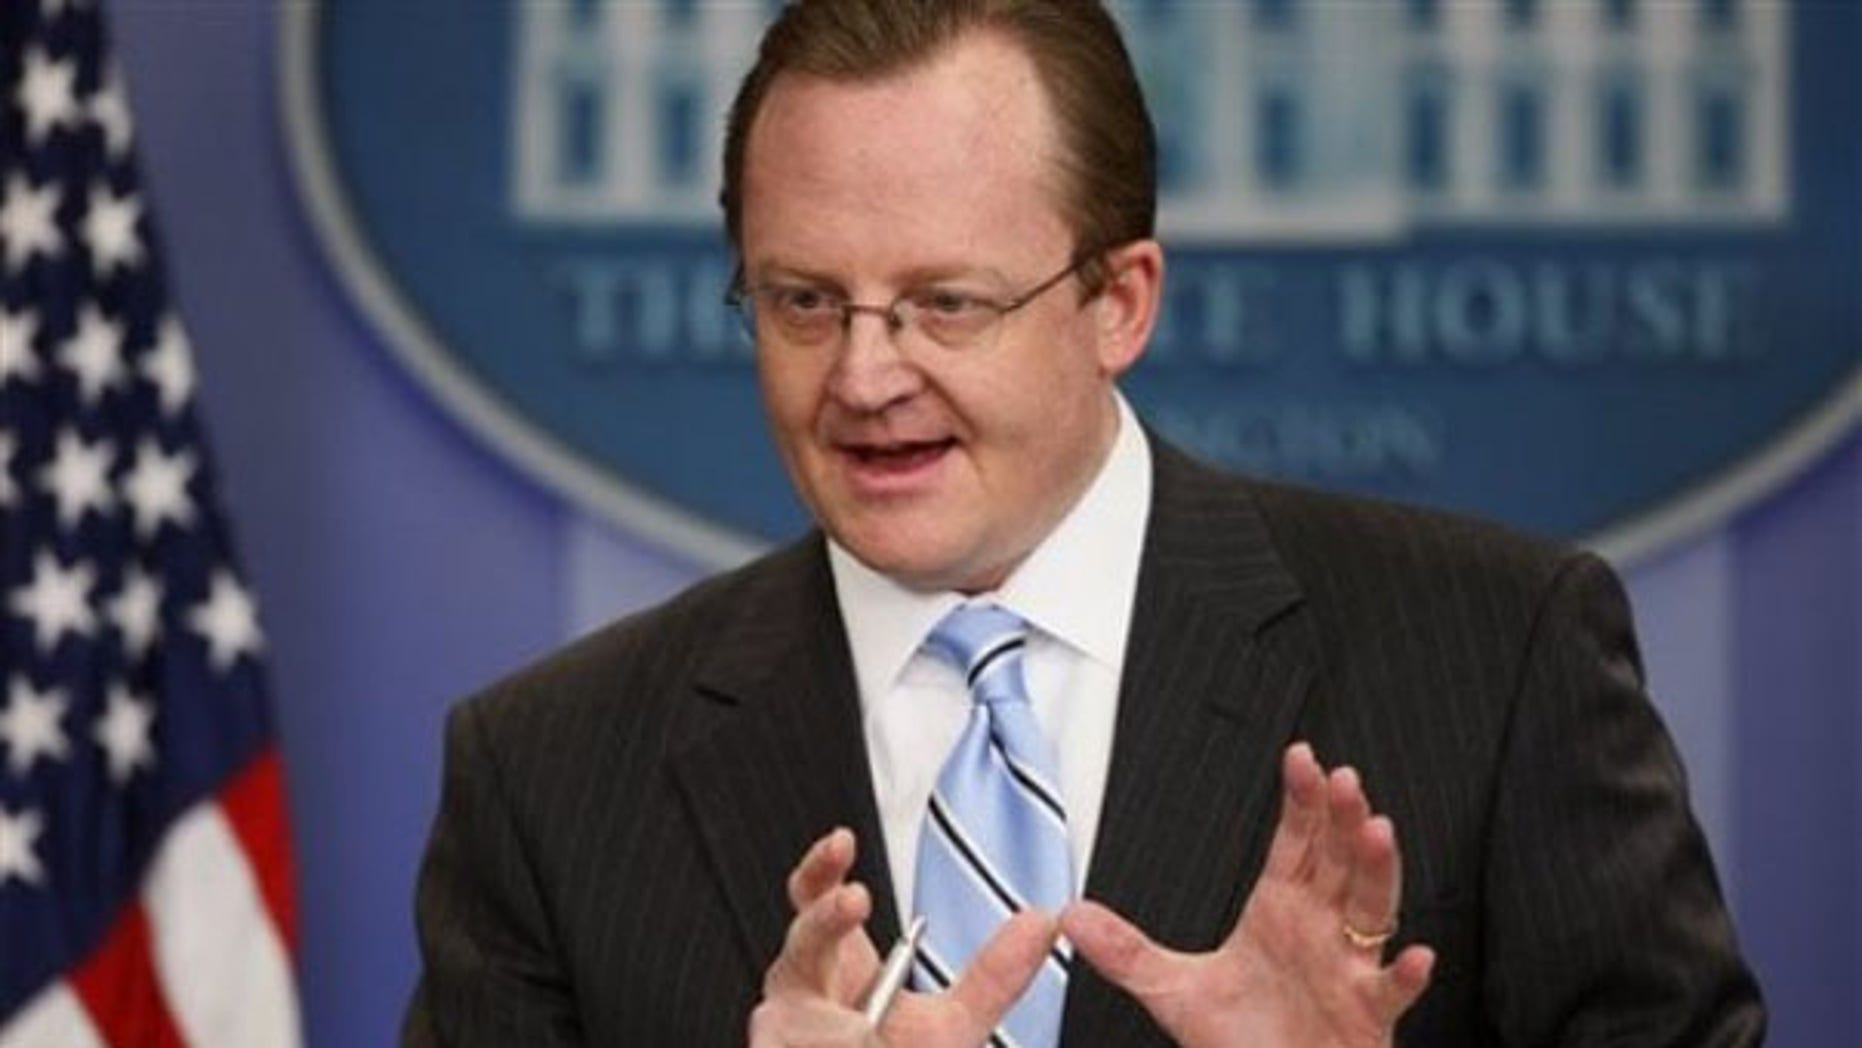 White House Press Secretary Robert Gibbs talks to reporters in Washington Feb. 17. (AP Photo)